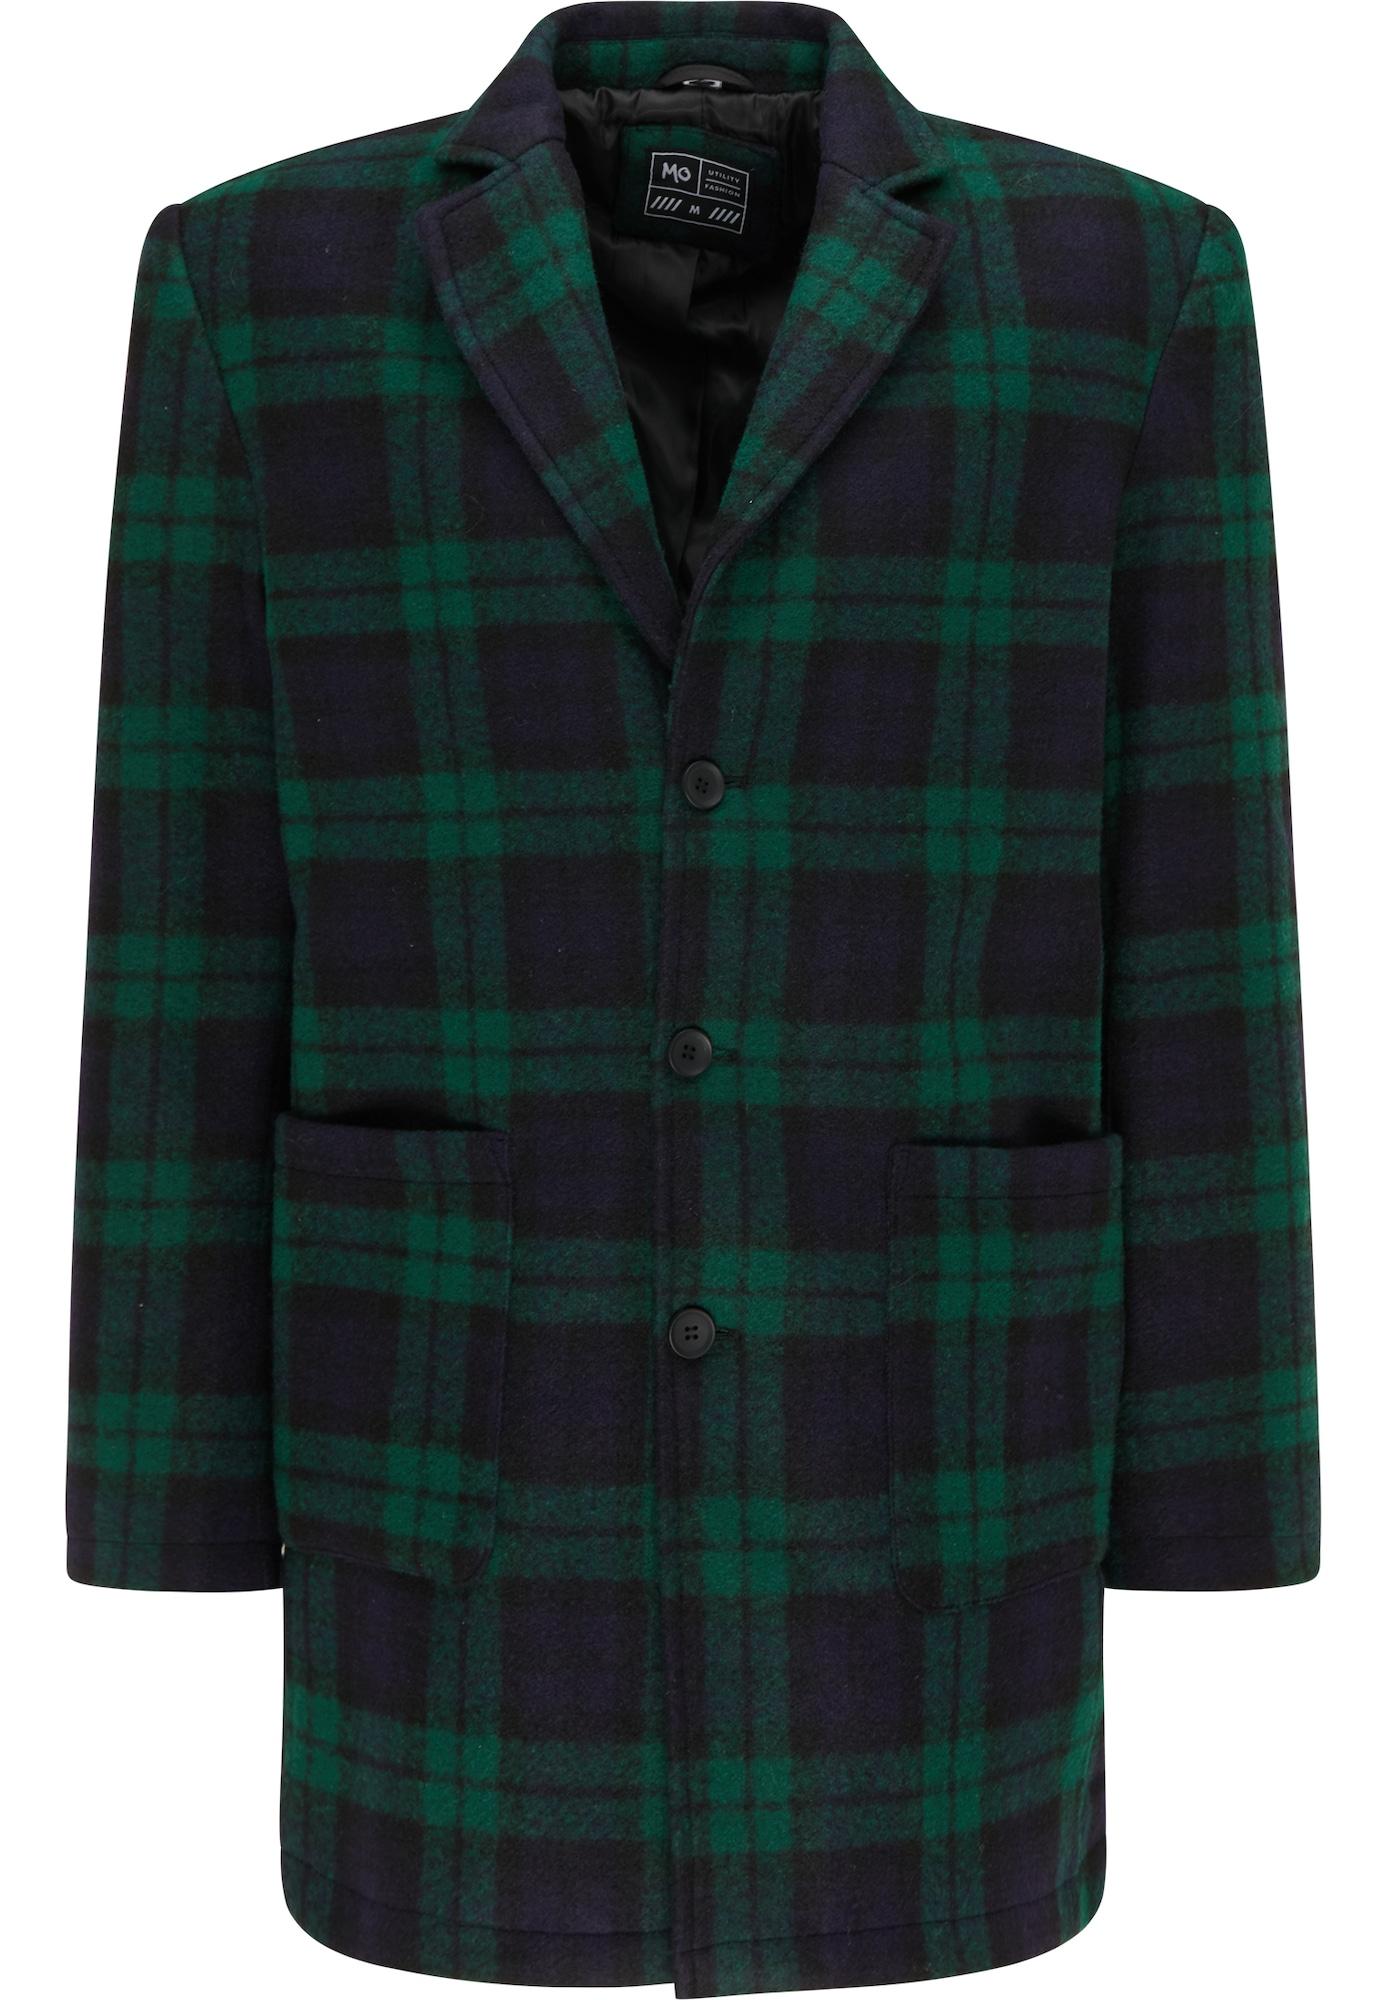 MO Demisezoninis paltas nakties mėlyna / tamsiai mėlyna / tamsiai žalia